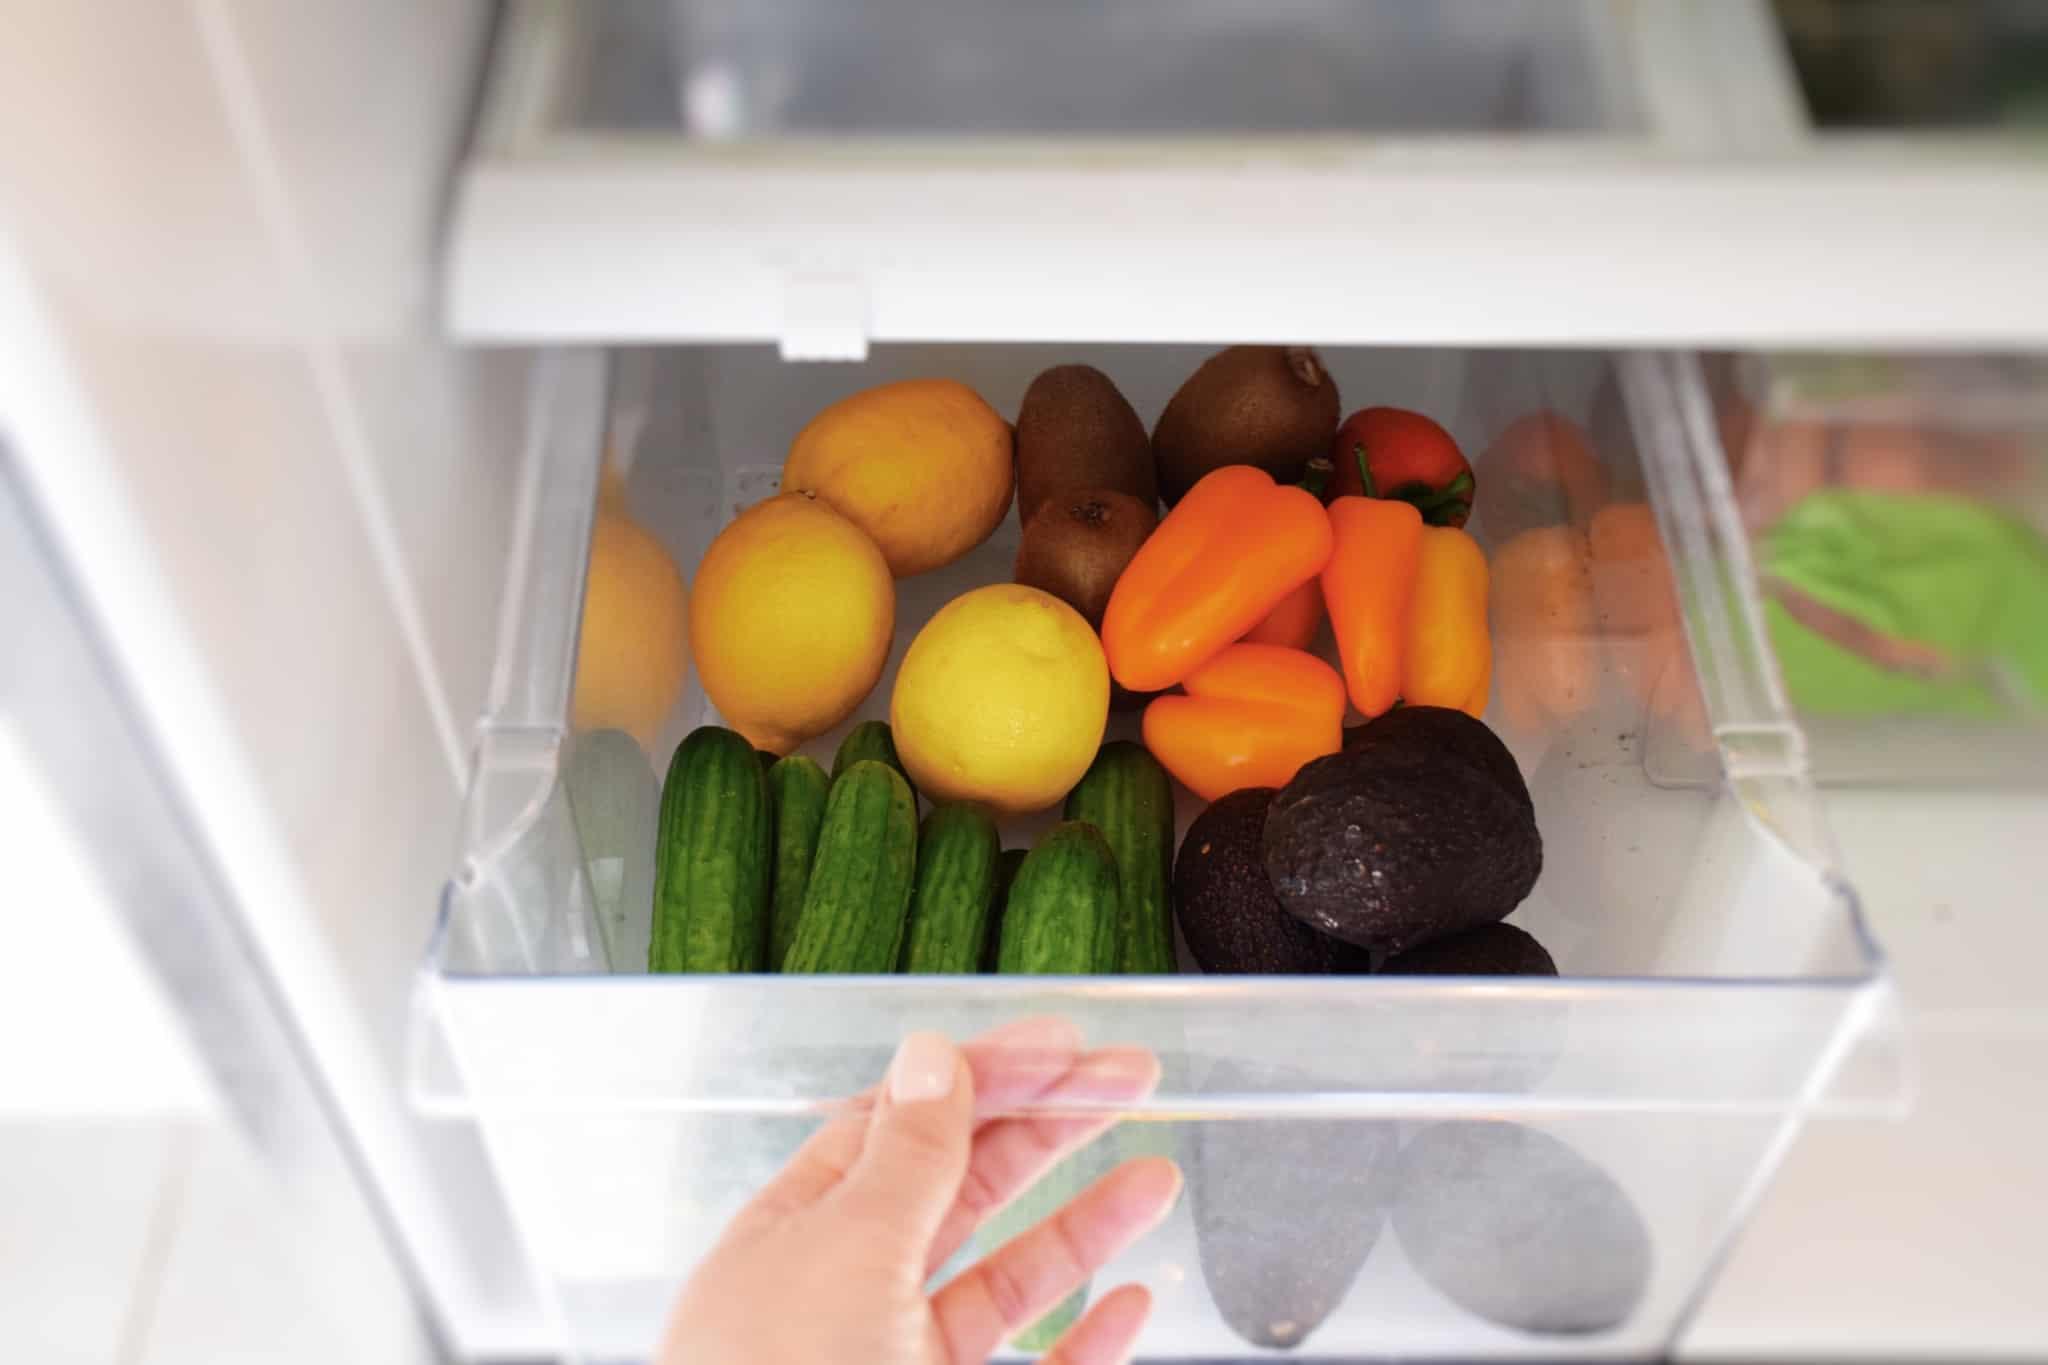 legumes em gaveta do frigorifico